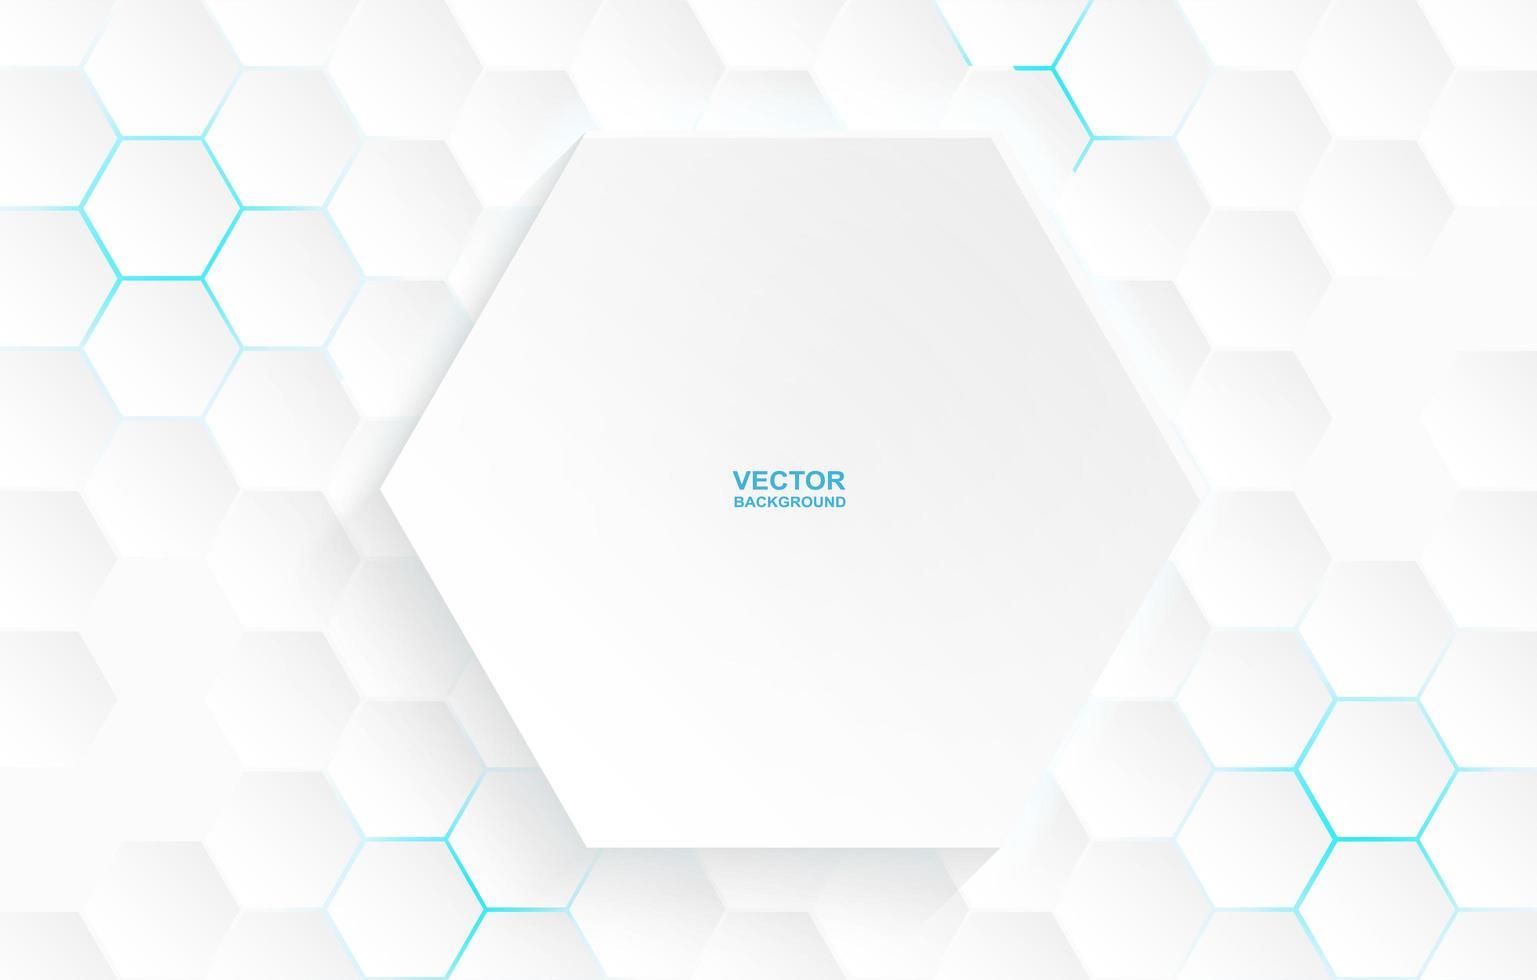 grote witte zeshoek op klein zeshoekenpatroon vector